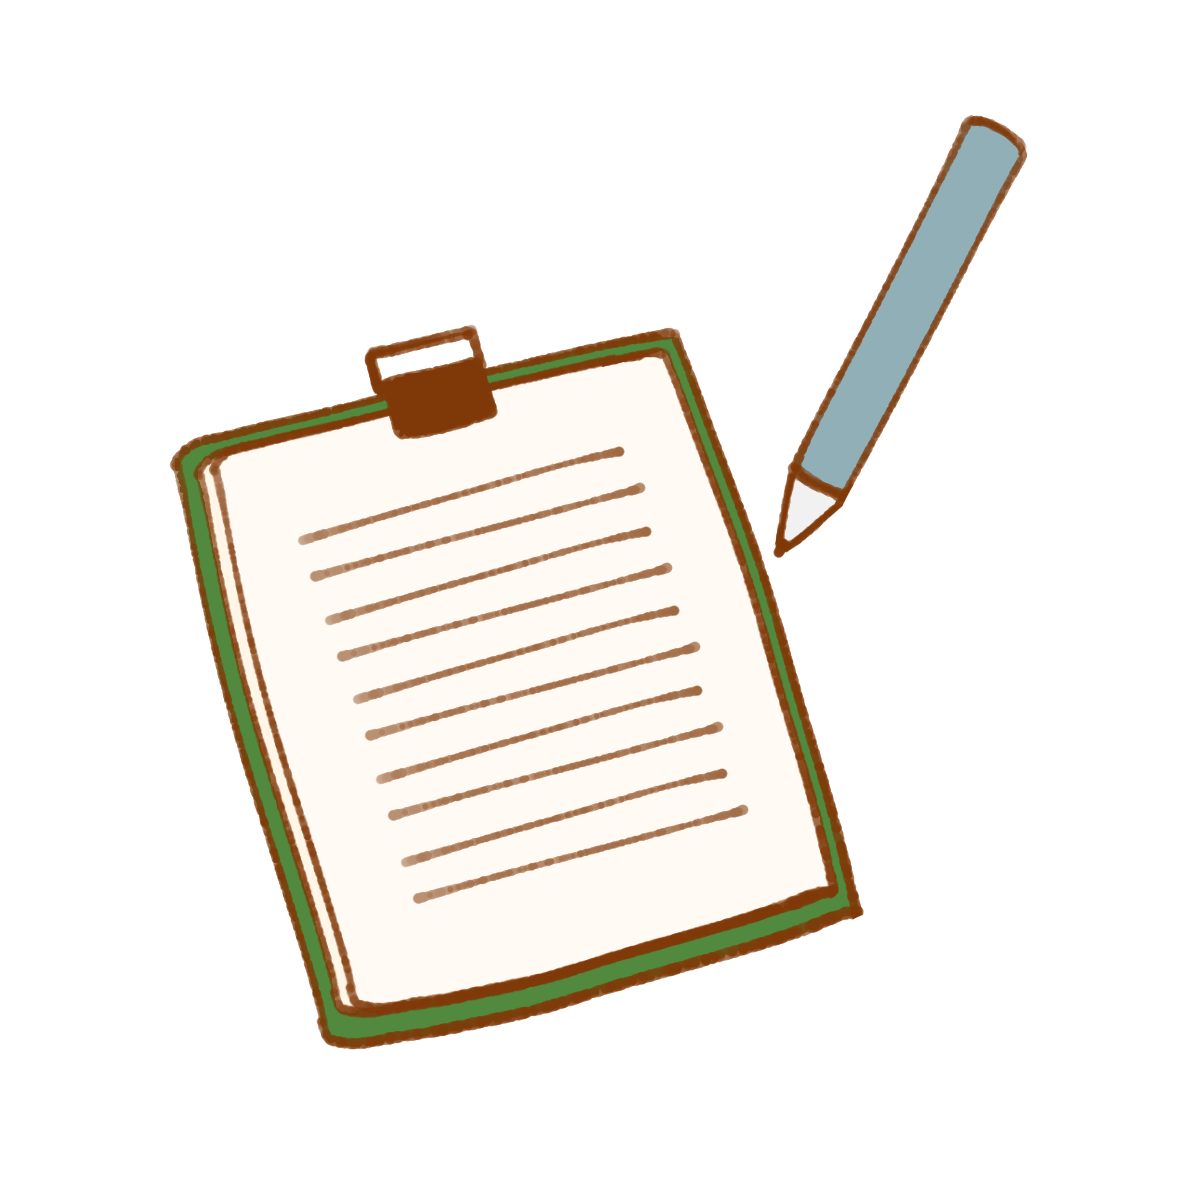 ペンとメモ帳のイラスト